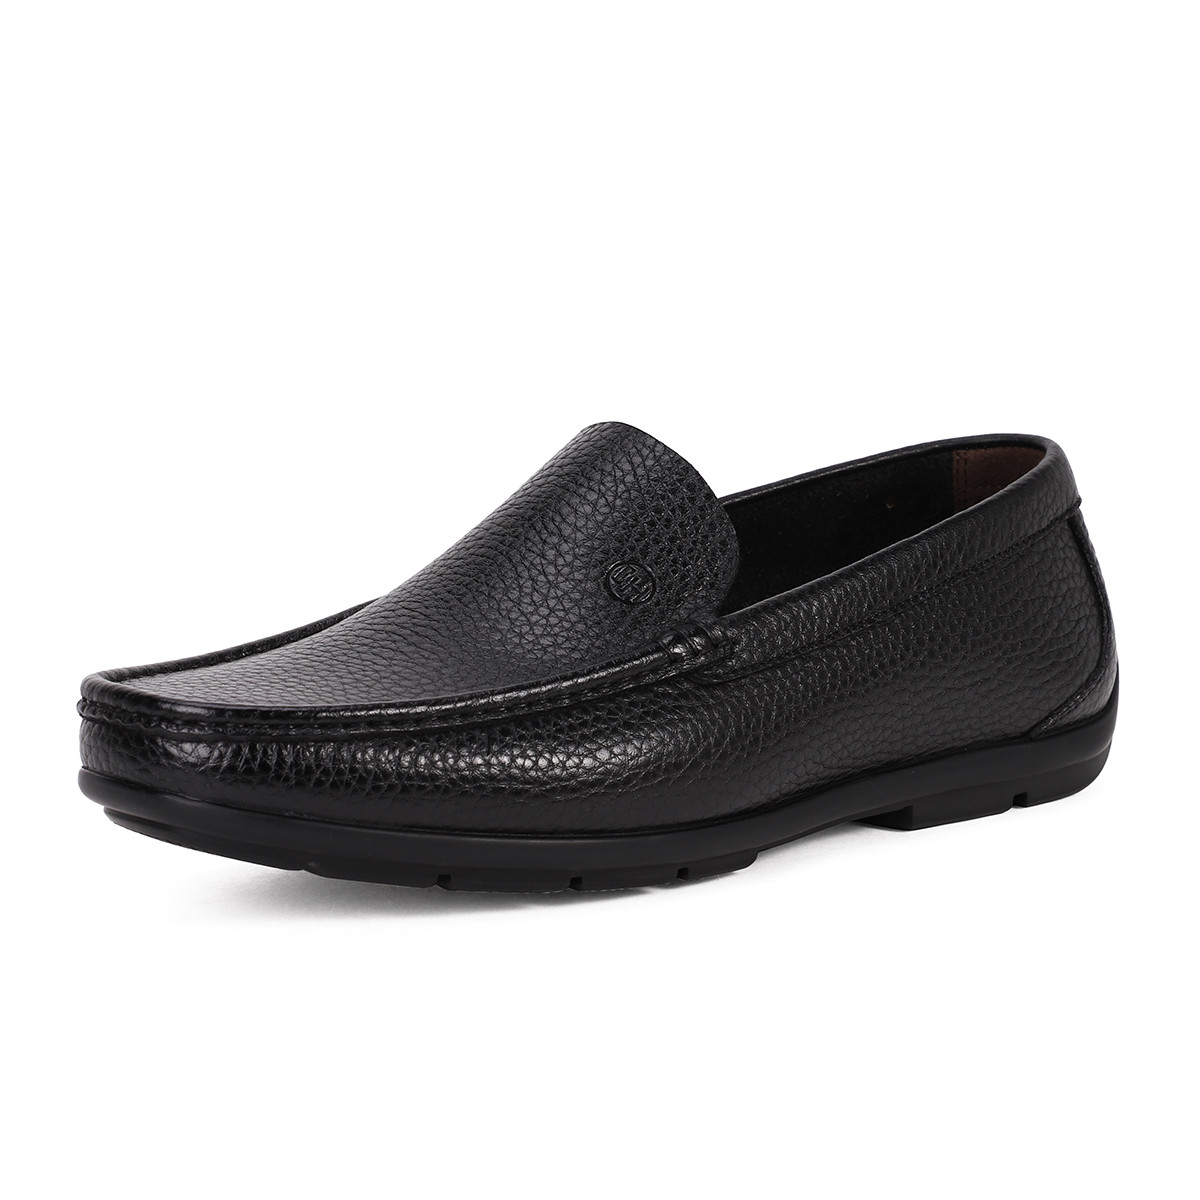 ELLE HOMME新款真皮百搭懒人一脚蹬男鞋男士休闲皮鞋男豆豆鞋男鞋HKD58197600